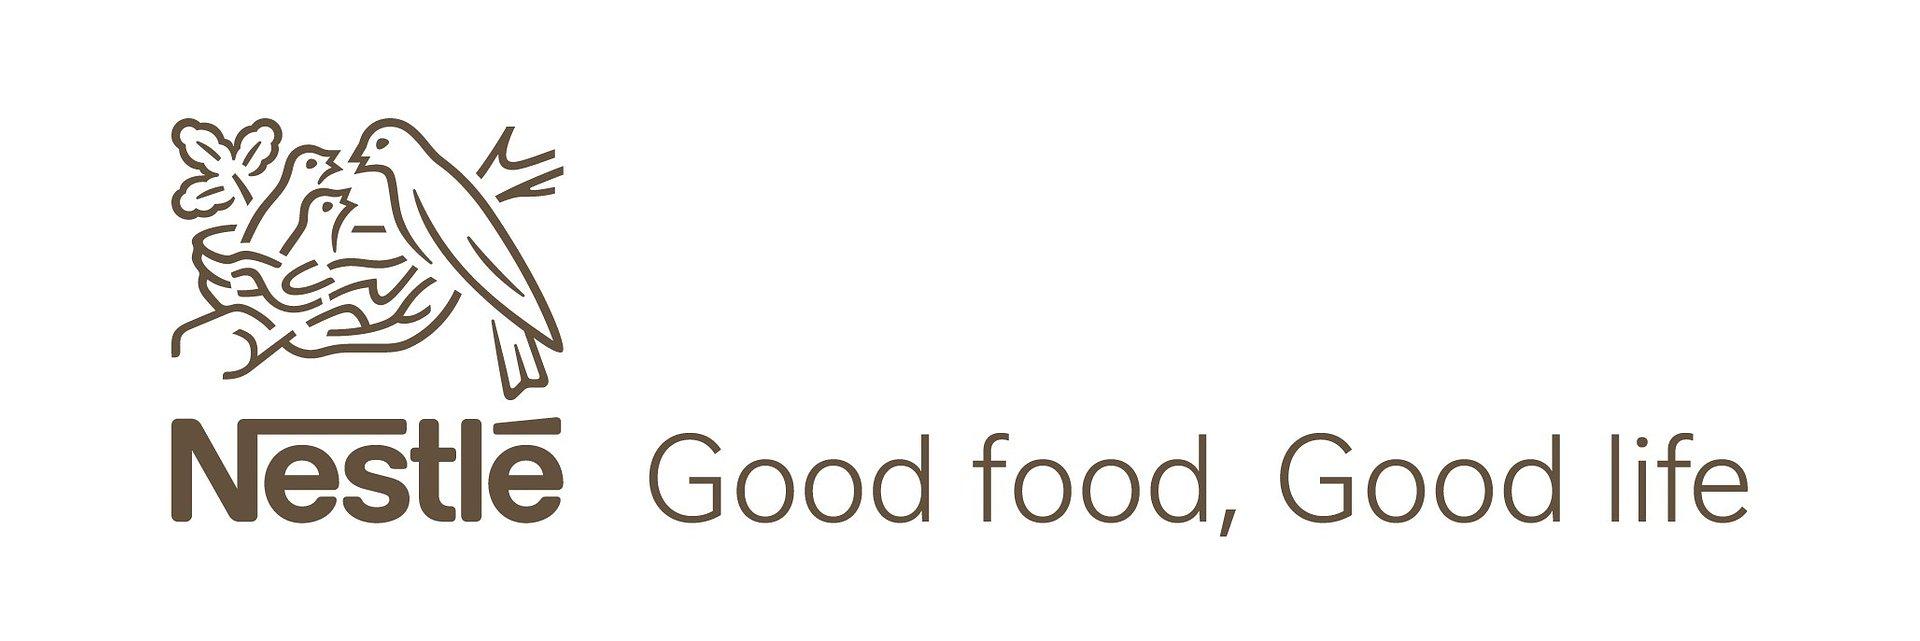 Nestlé apoia Banco Alimentar Contra a Fome e entrega mais cereais de pequeno-almoço esta quarta-feira